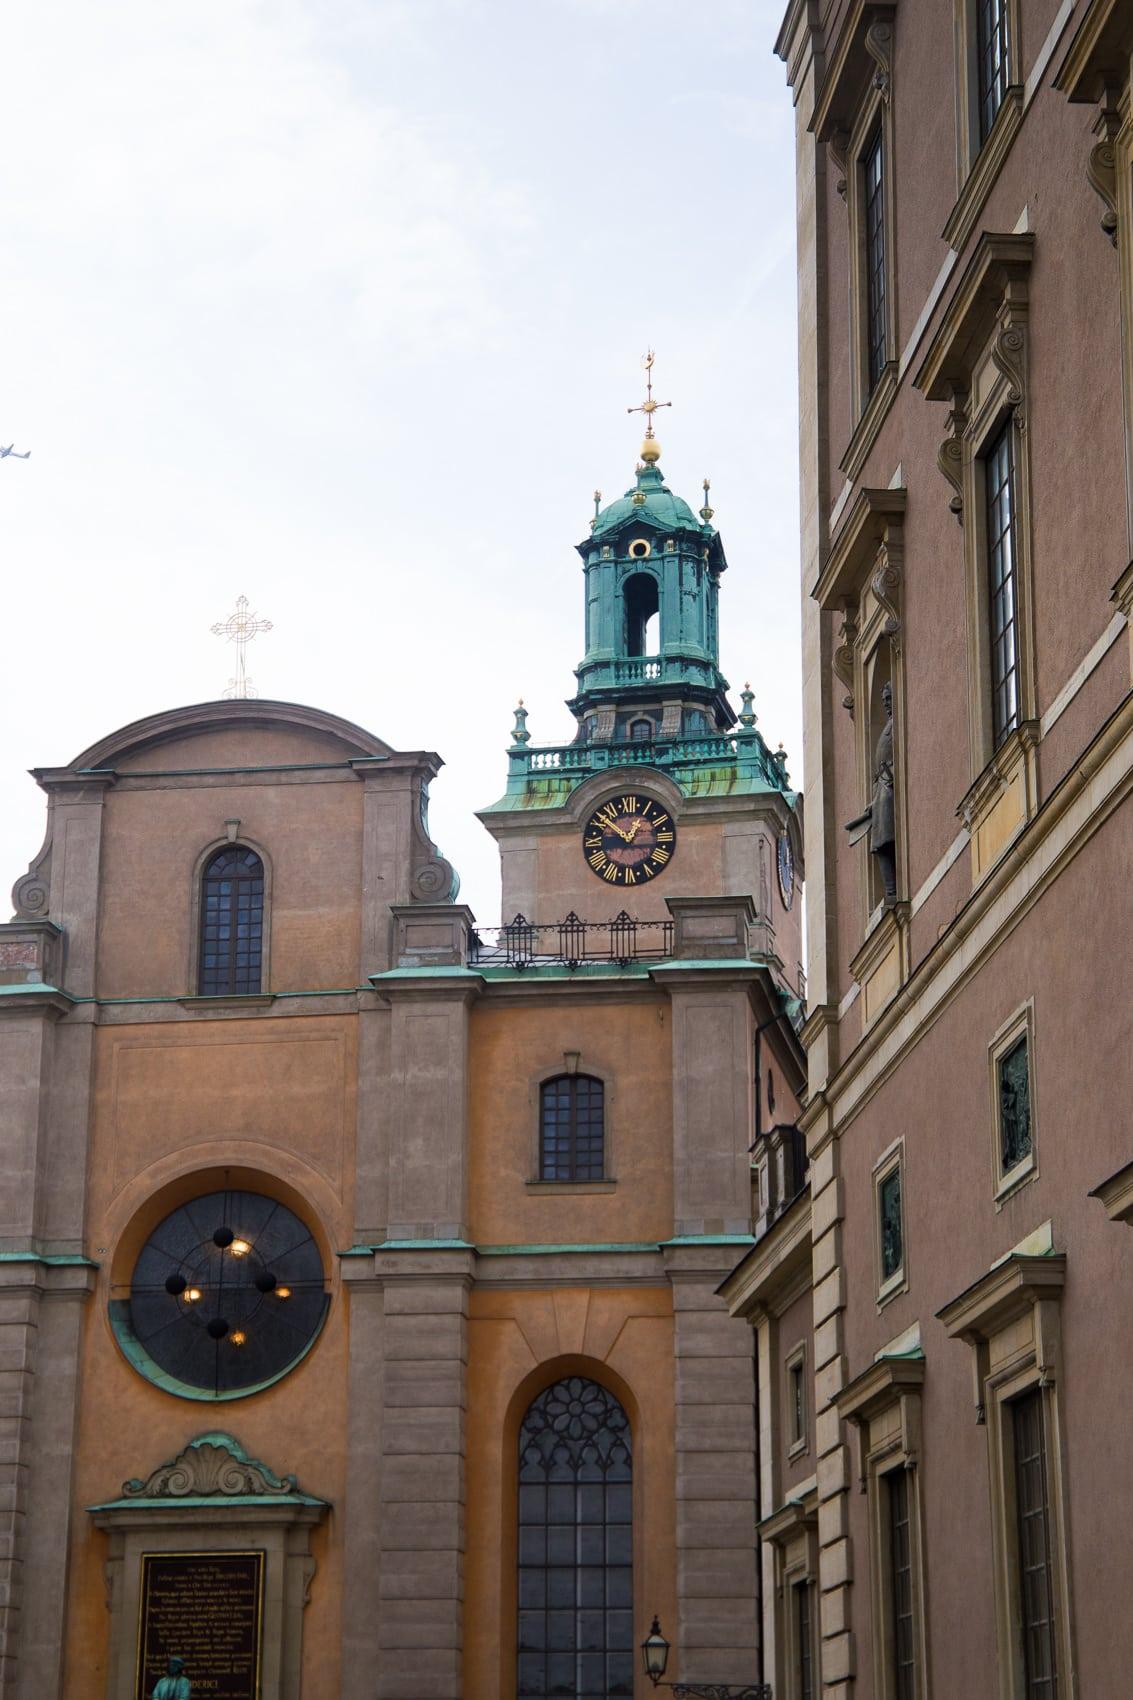 Zentrales Hotel in Stockholm gesucht & gefunden: Birger Jarl